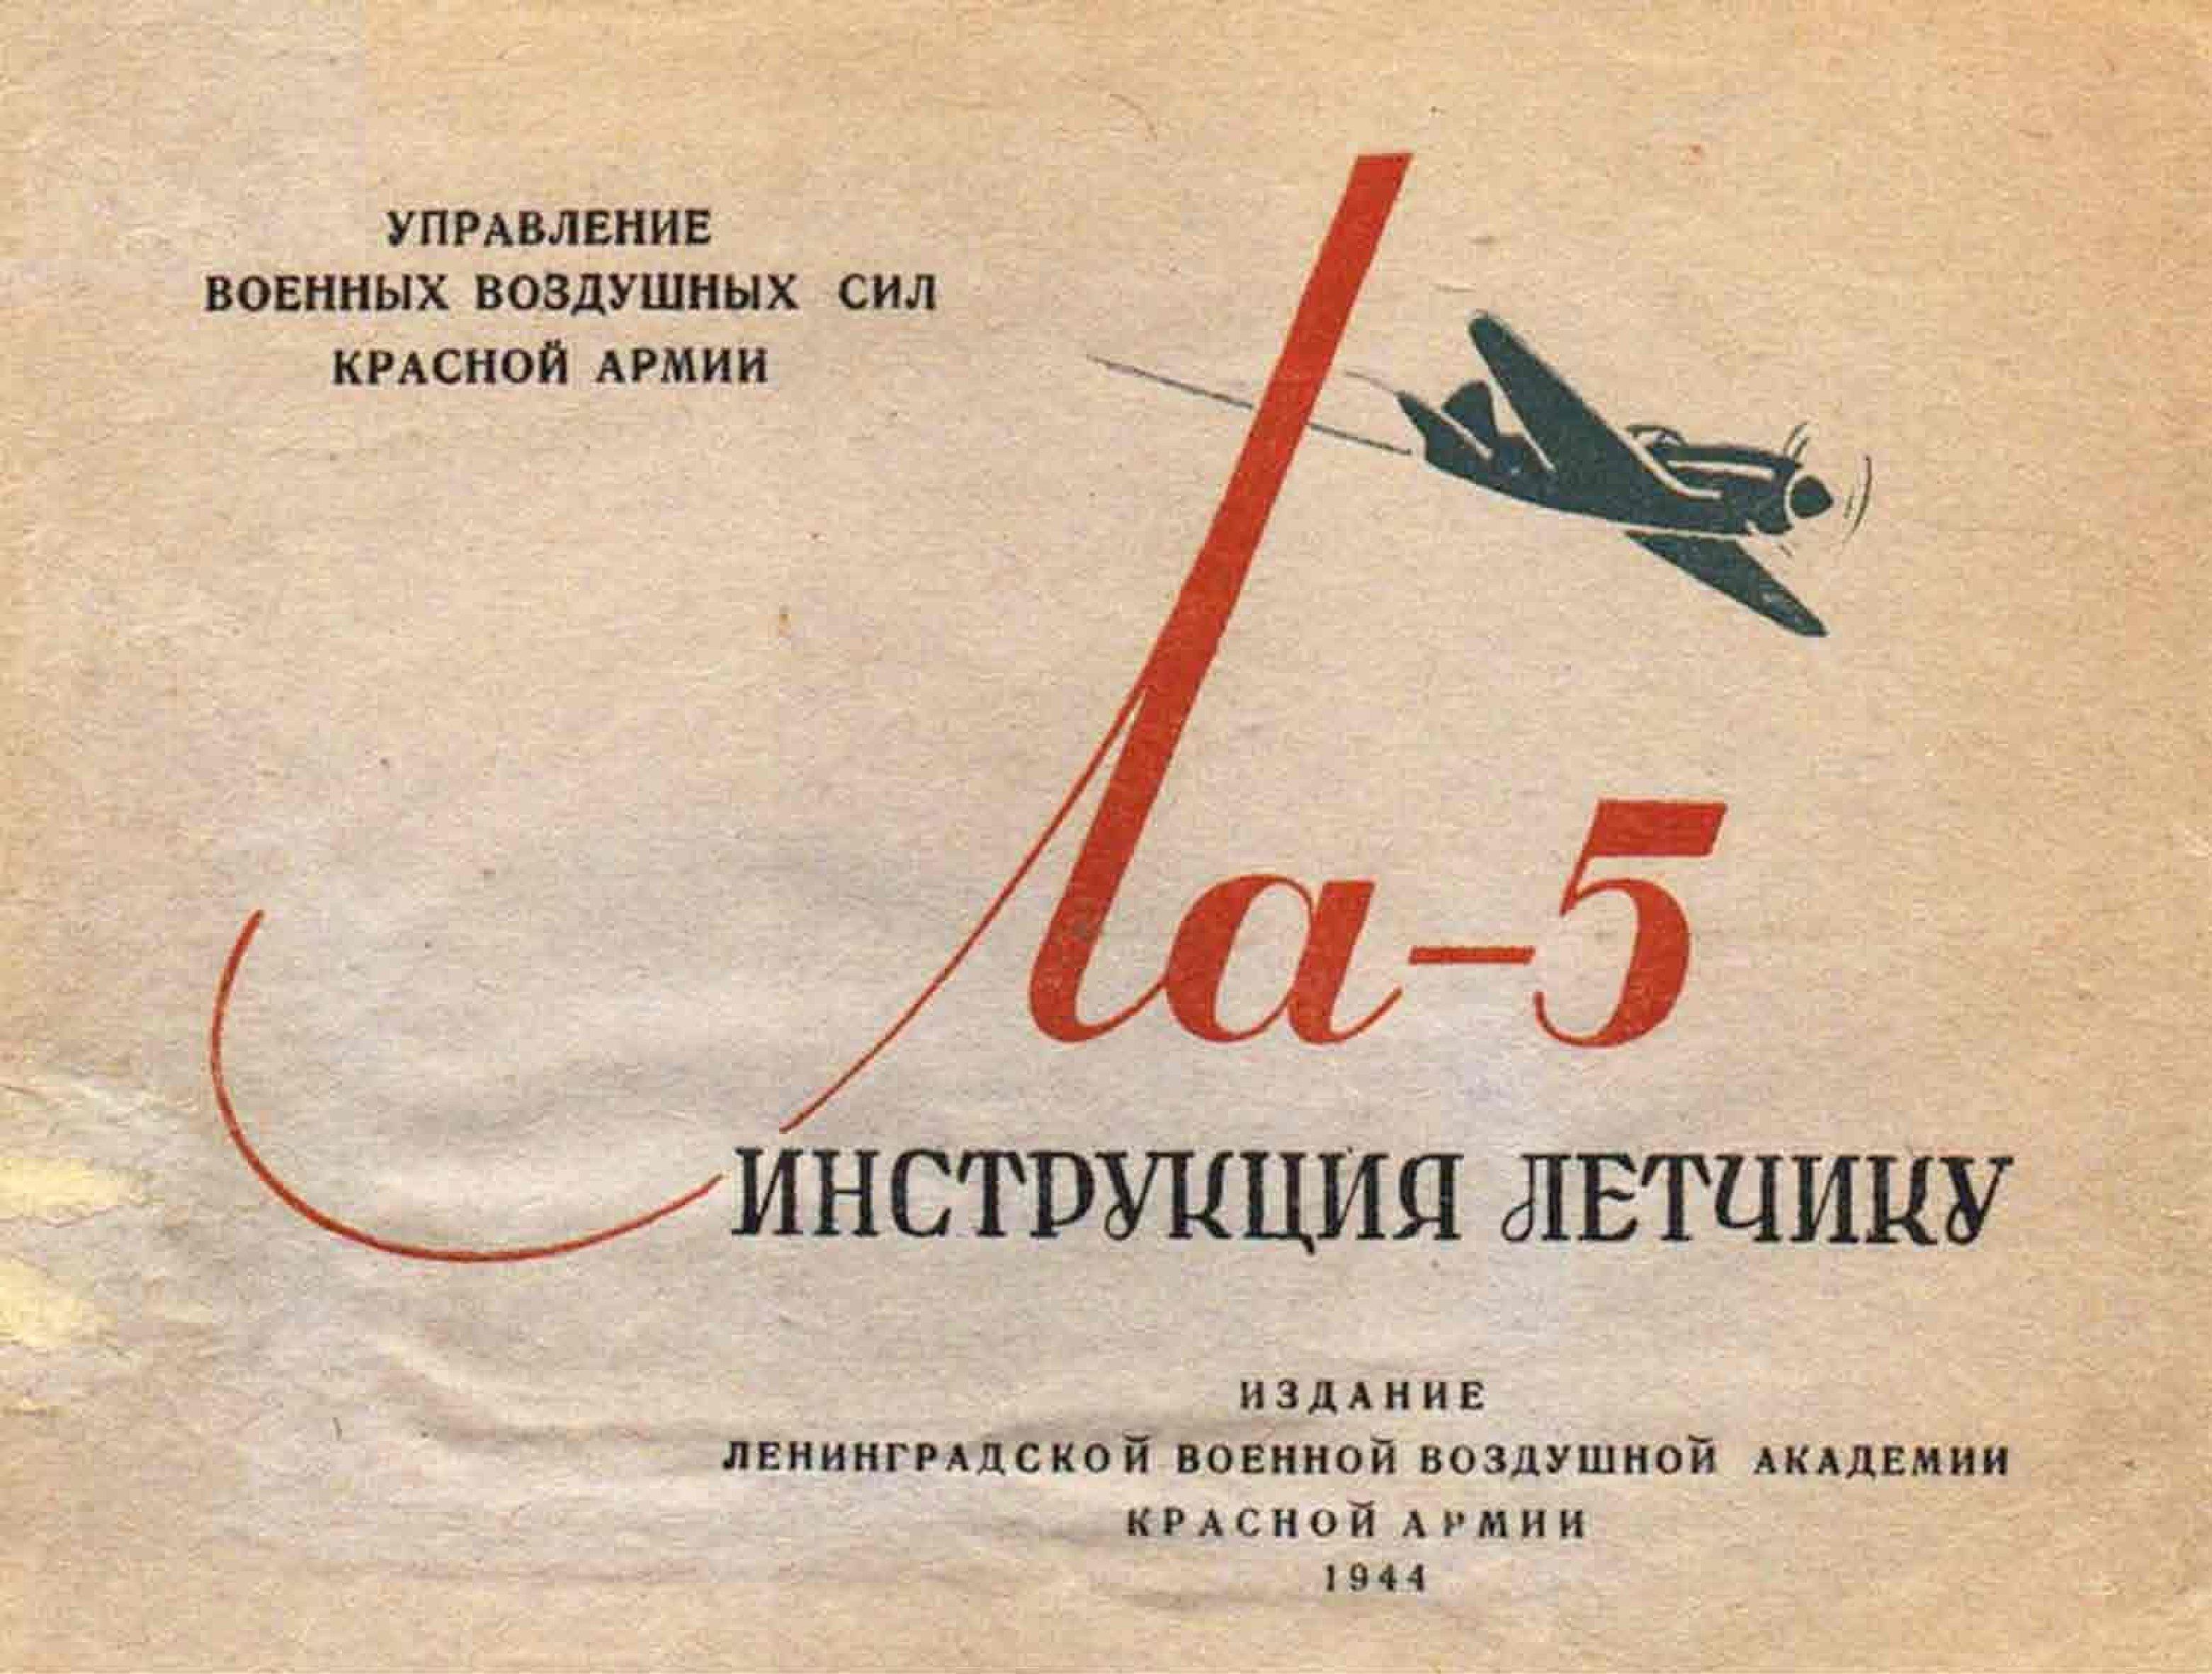 Инструкция лётчику по эксплуатации и технике пилотирования самолета Ла-5 с мотором М-82ФН